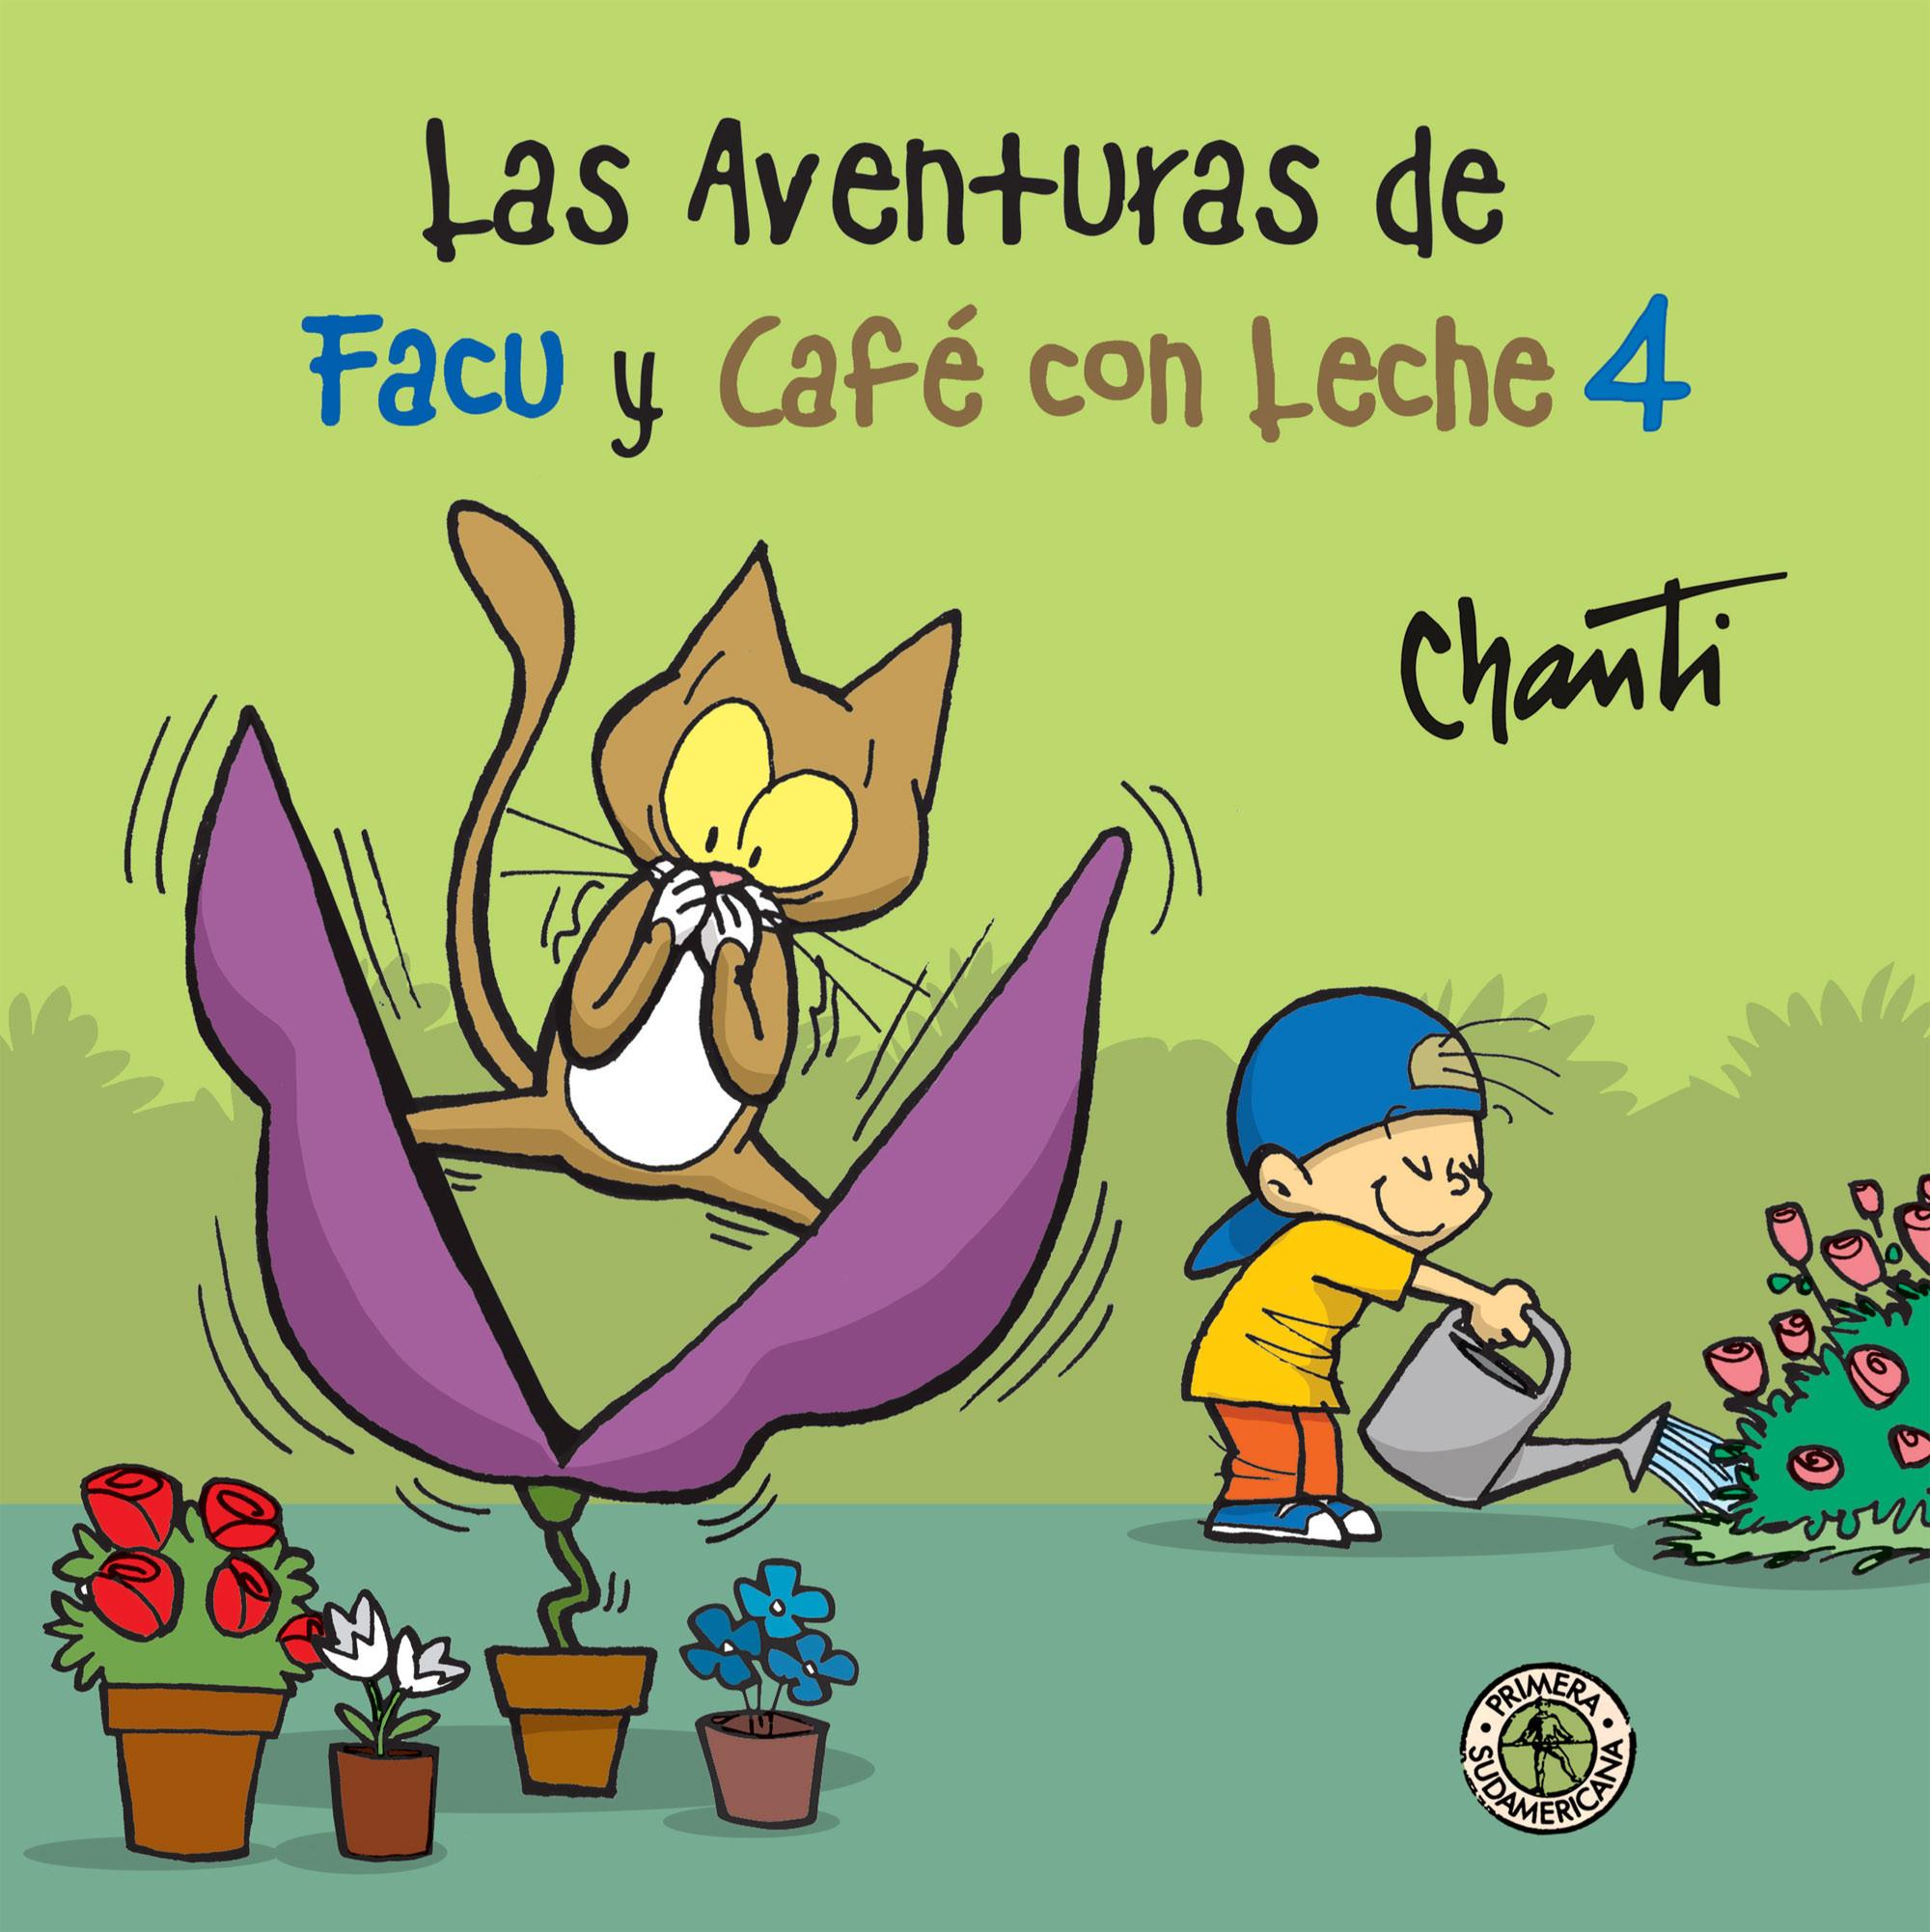 Las aventuras de Facu y Café con Leche 4